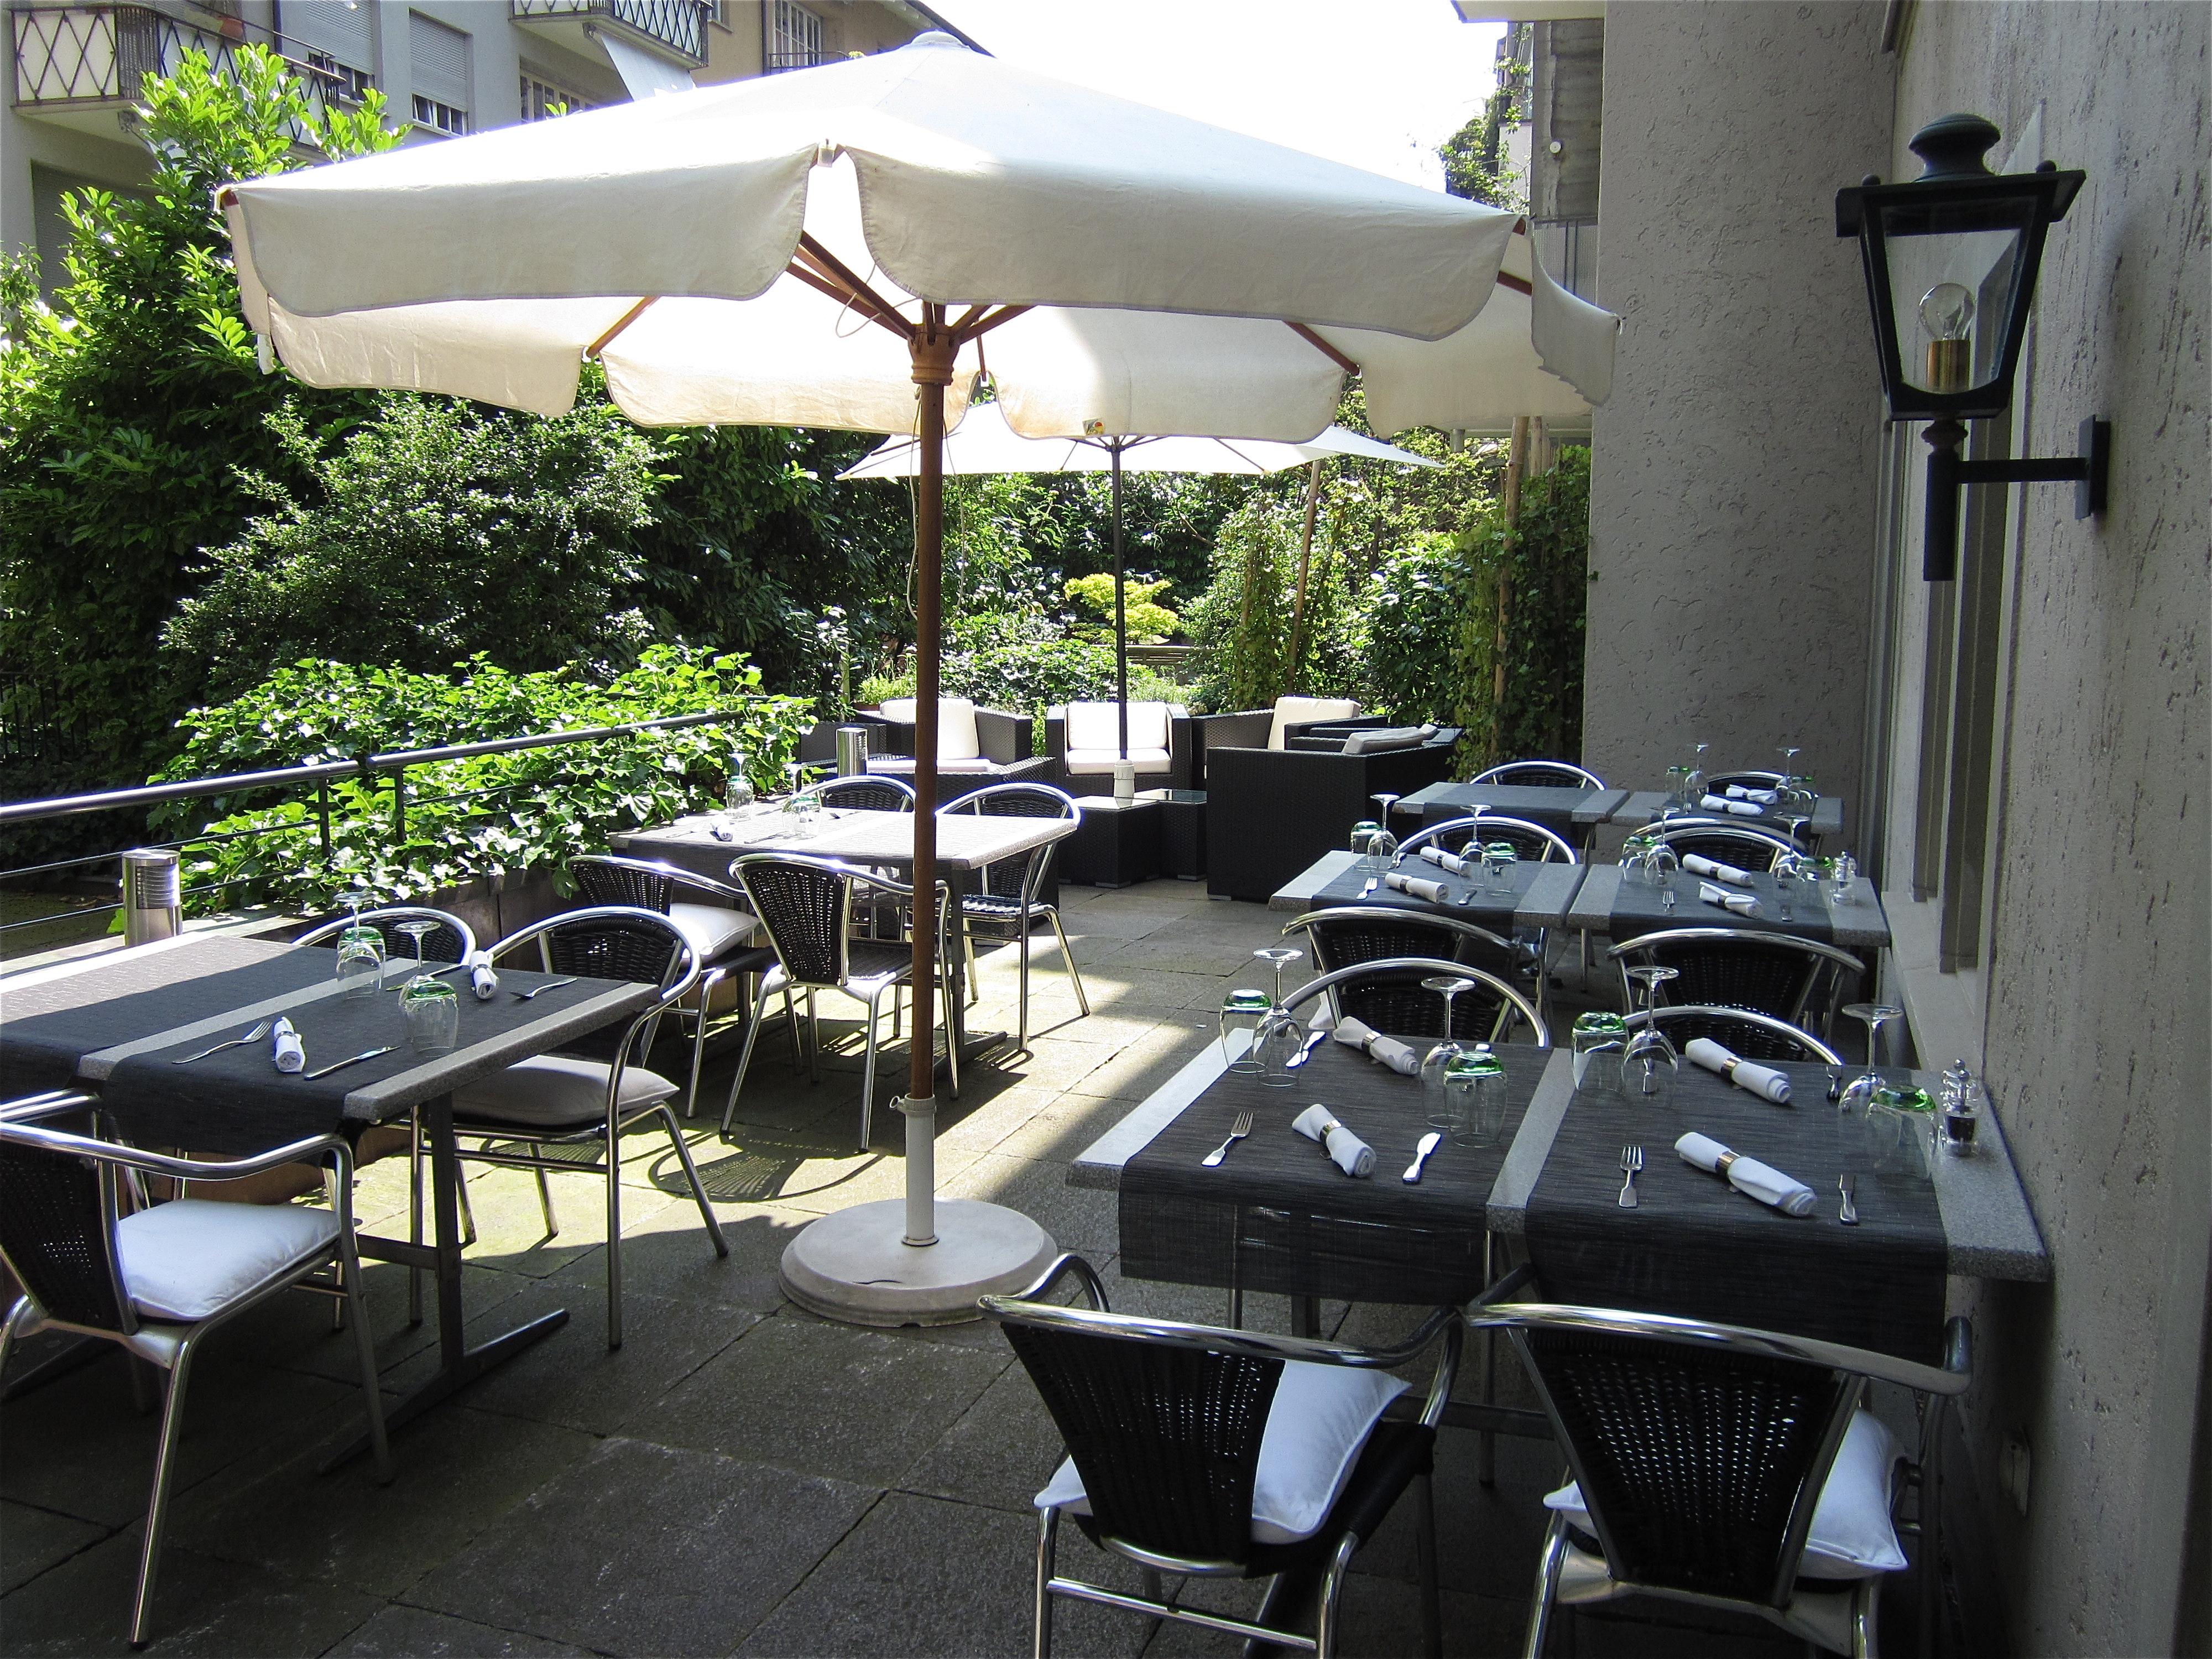 restaurant zum gr nen glas in z rich ausgezeichnete restaurants bars take aways caf s und. Black Bedroom Furniture Sets. Home Design Ideas